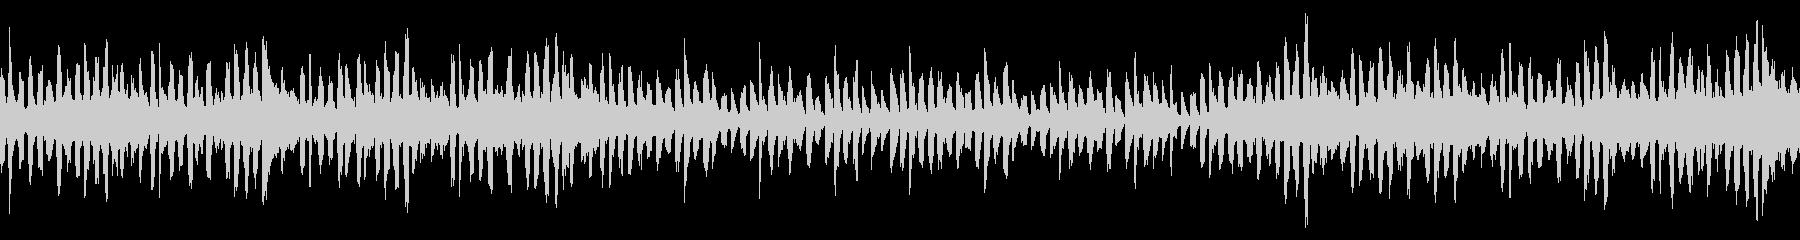 パズルゲームのタイトル画面/ループの未再生の波形